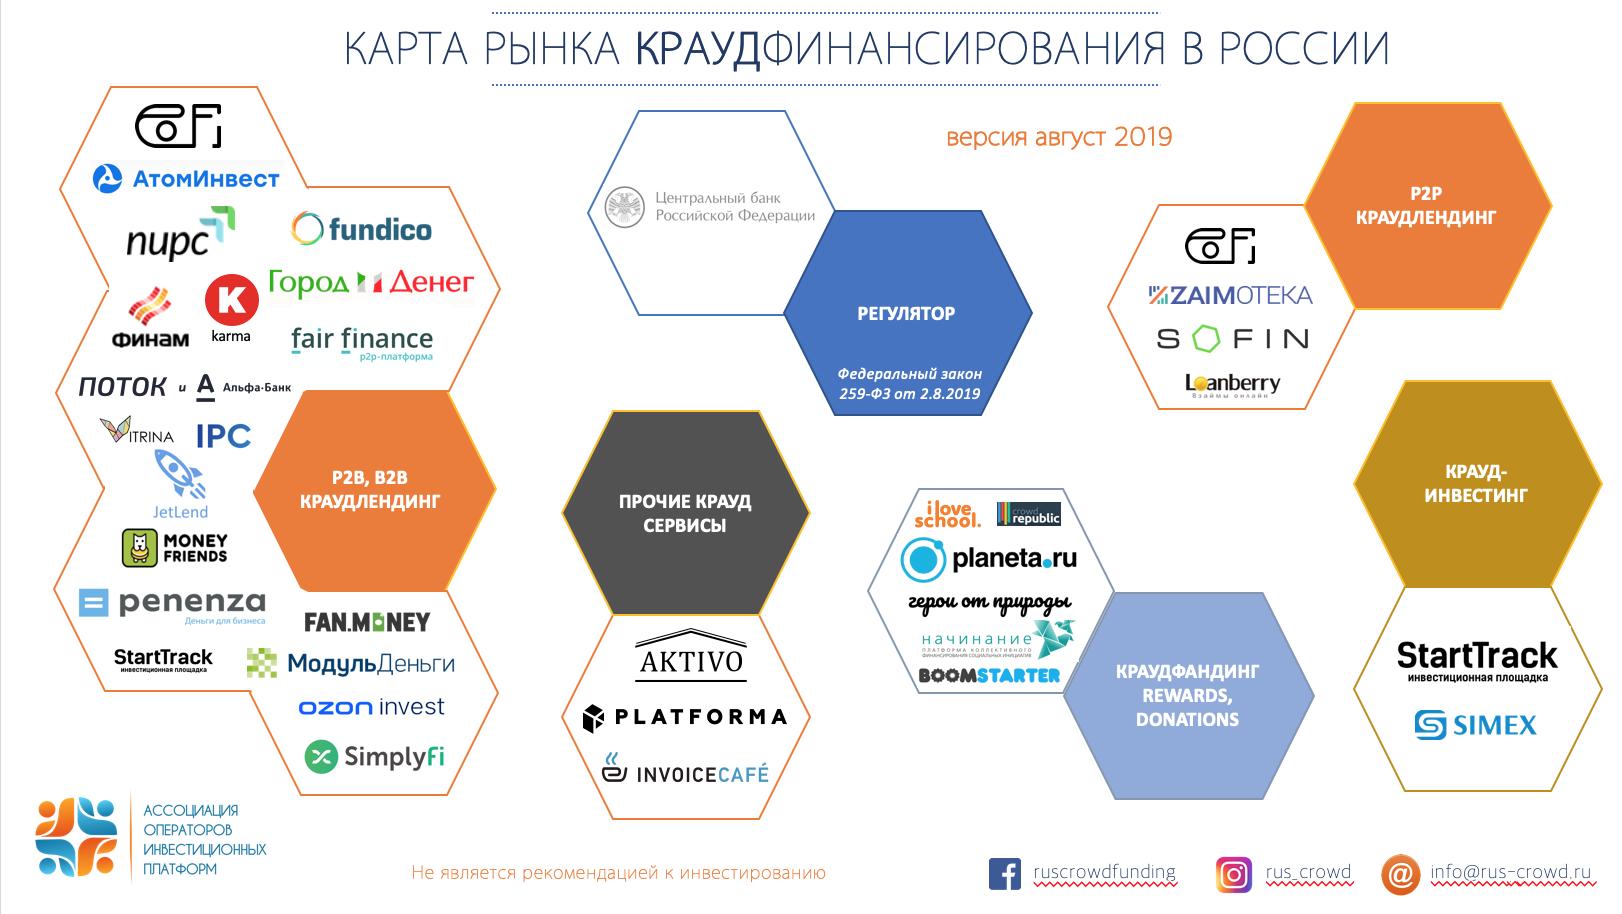 """Обновление """"карты рынка краудфинансирования в России"""""""